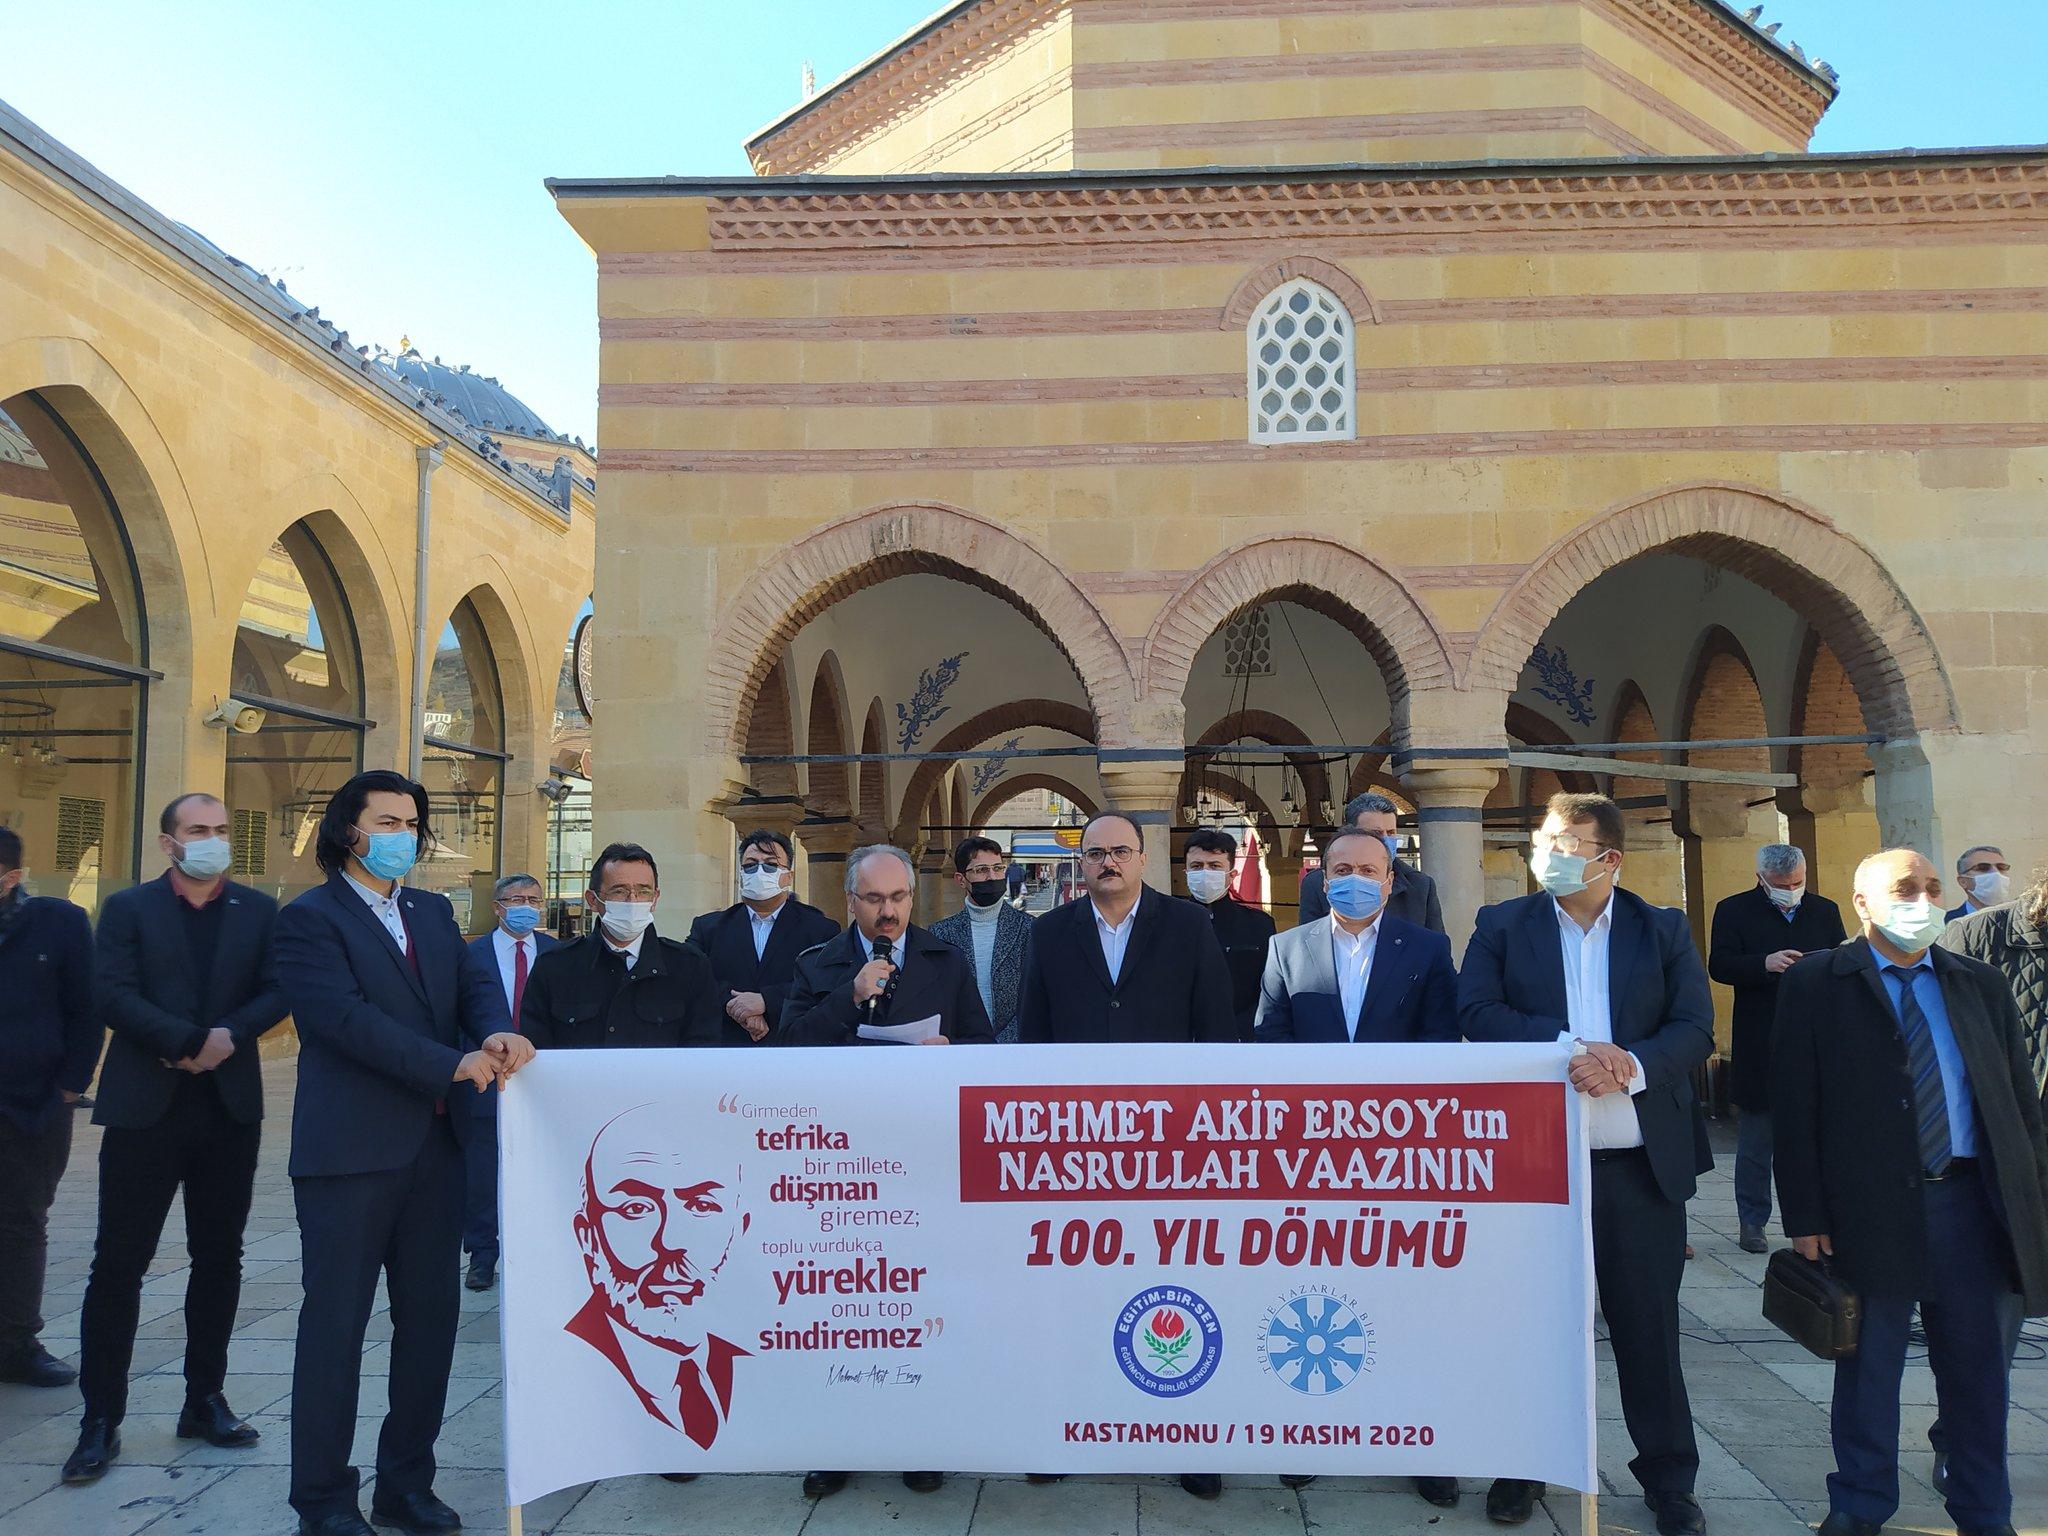 D. Mehmet Doğan: 2021 İstiklâl Marşı yılı ilan edilmelidir